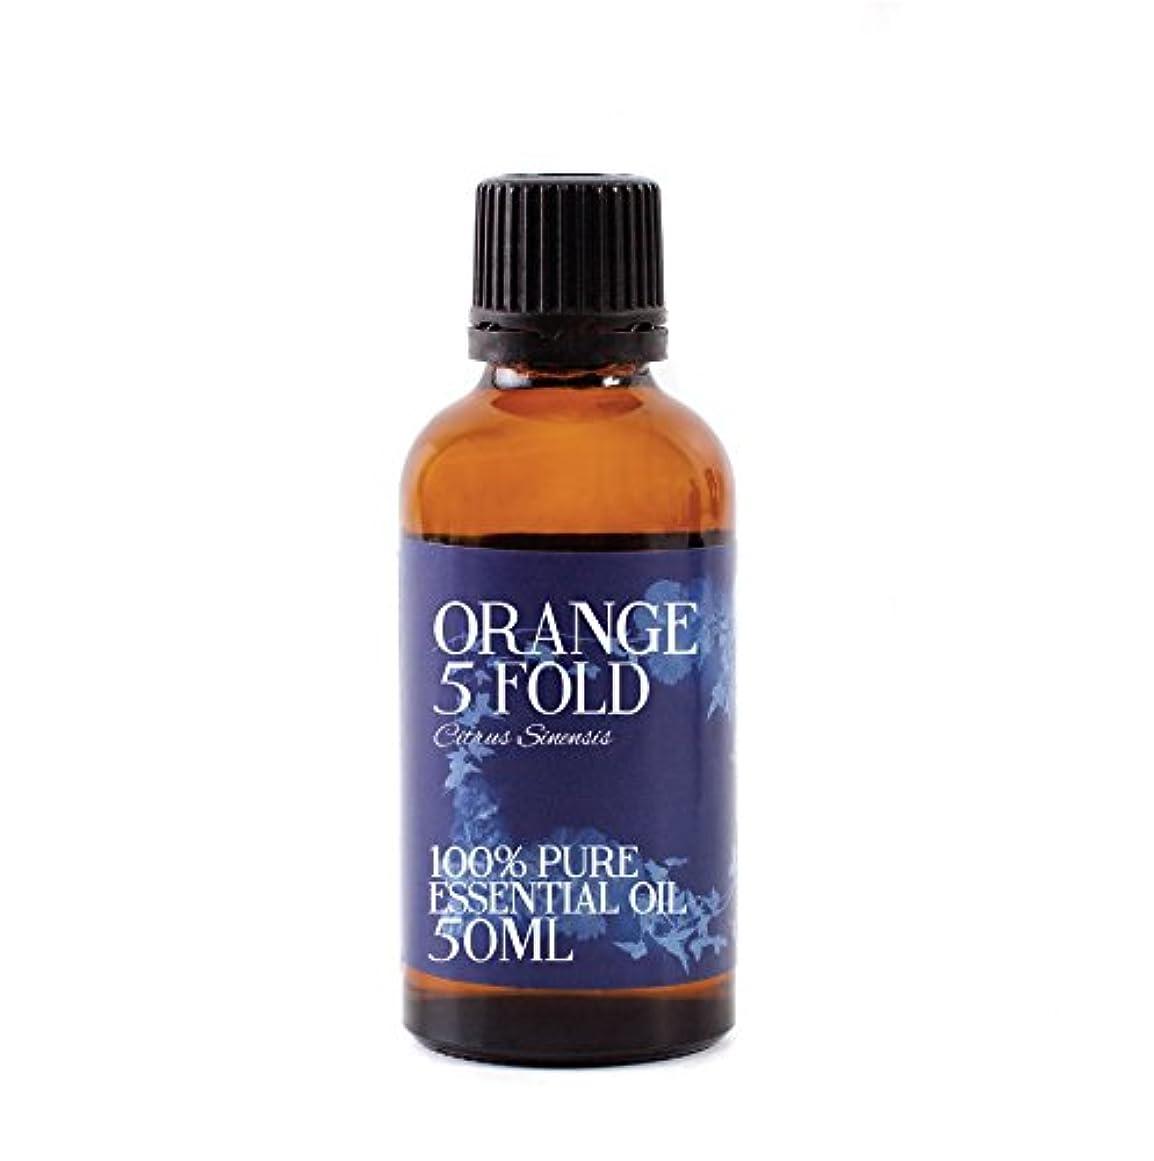 飛び込む廃止参照するMystic Moments | Orange 5 Fold Essential Oil - 50ml - 100% Pure